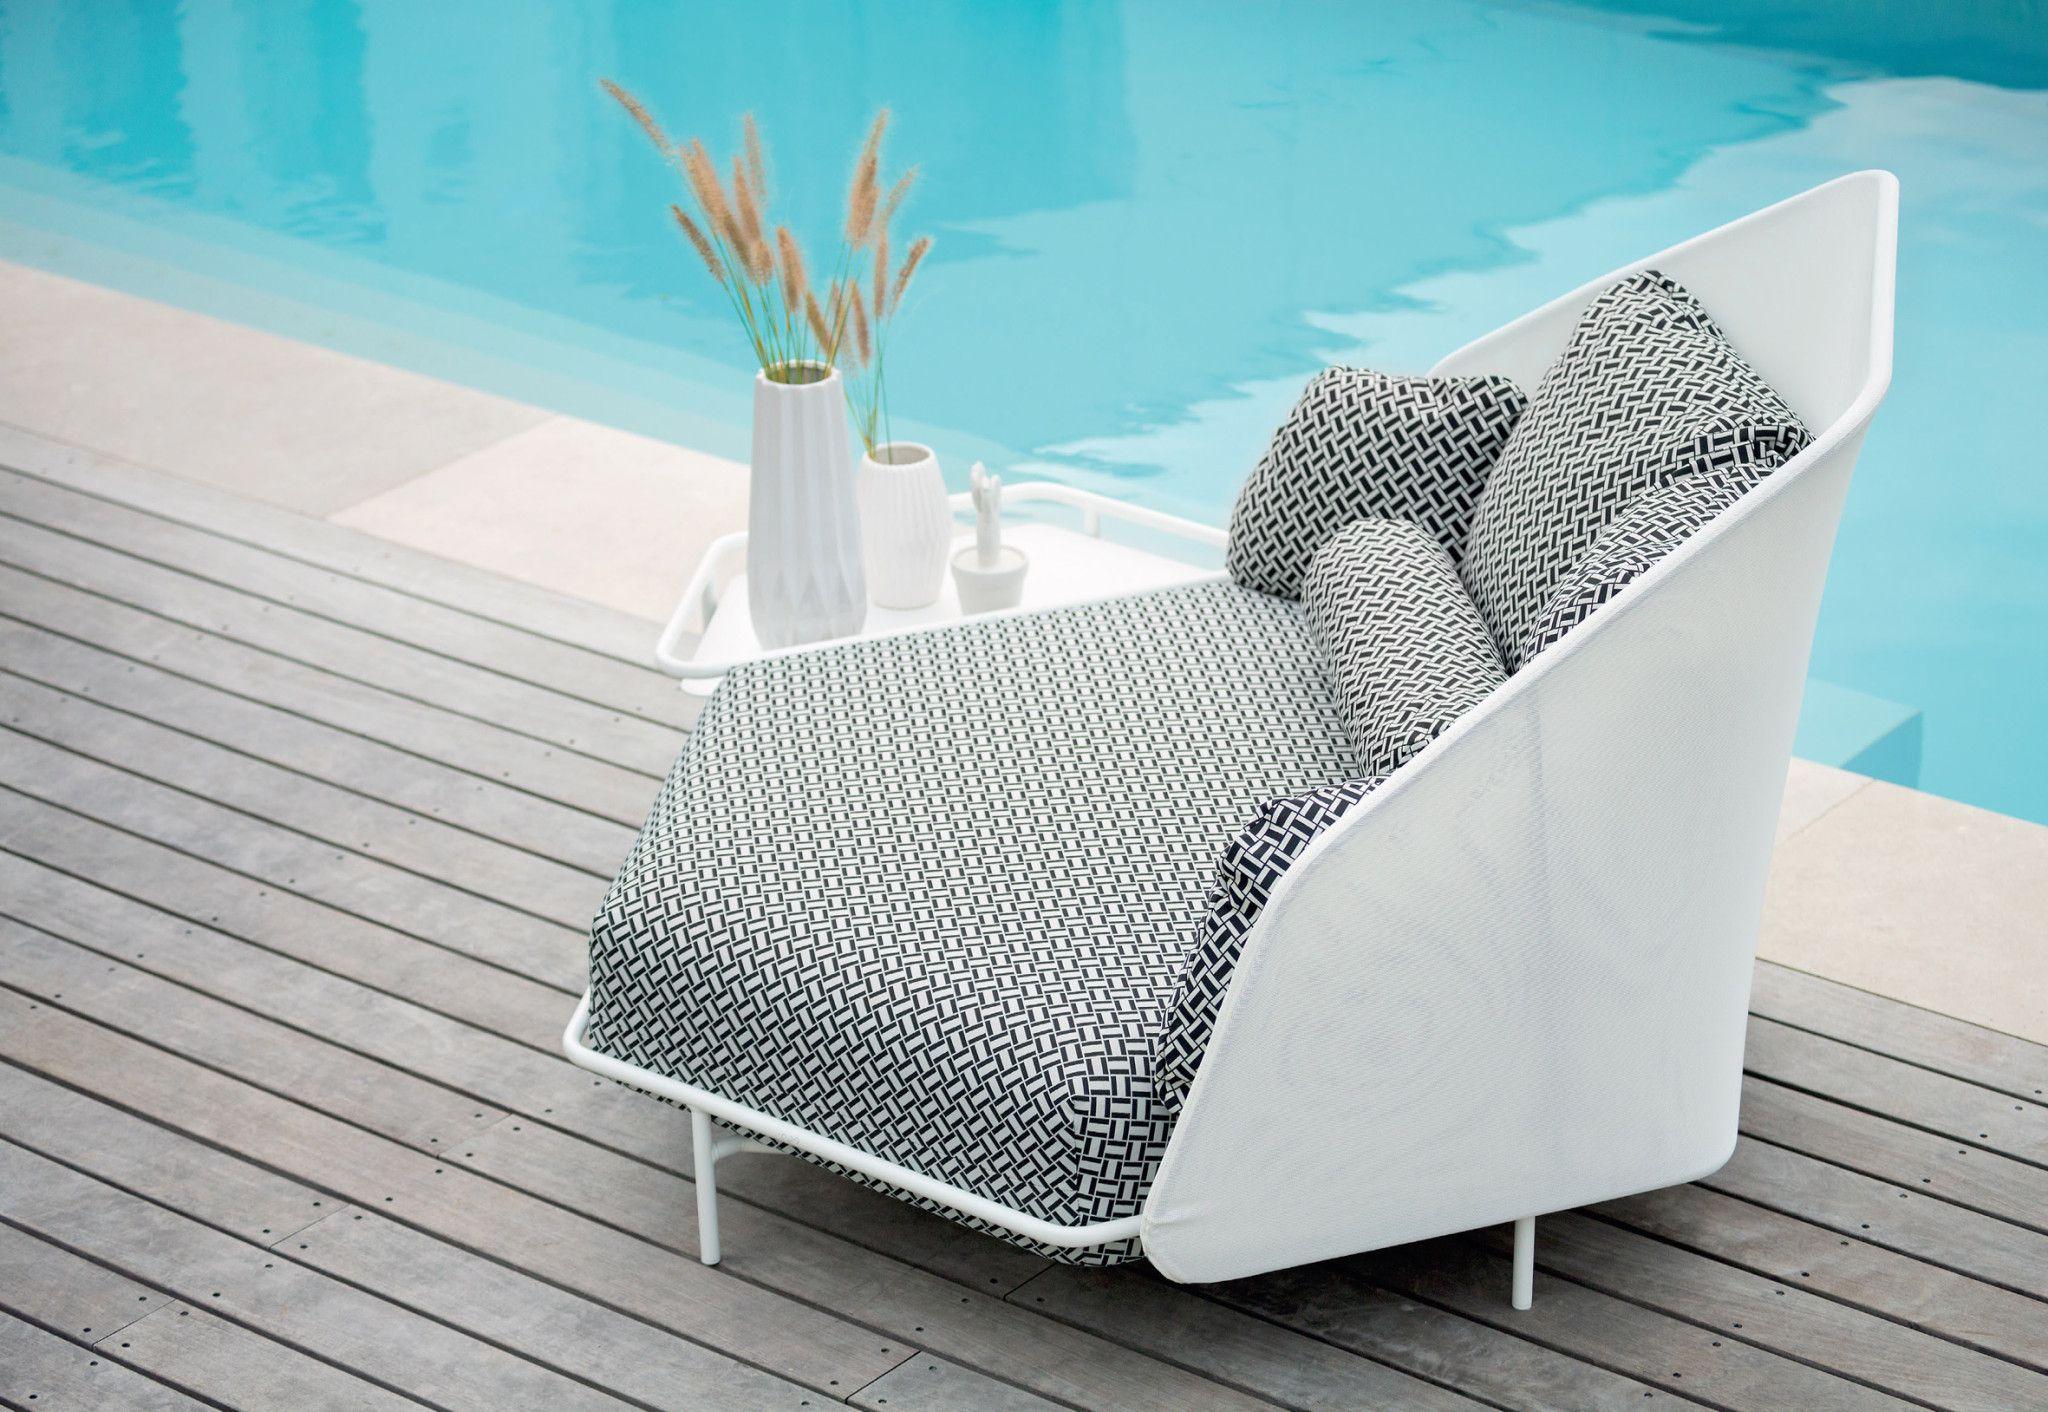 Hive Ego Paris Mobilier De Jardin Design Mobilier Modulaire Salon De Jardin Design